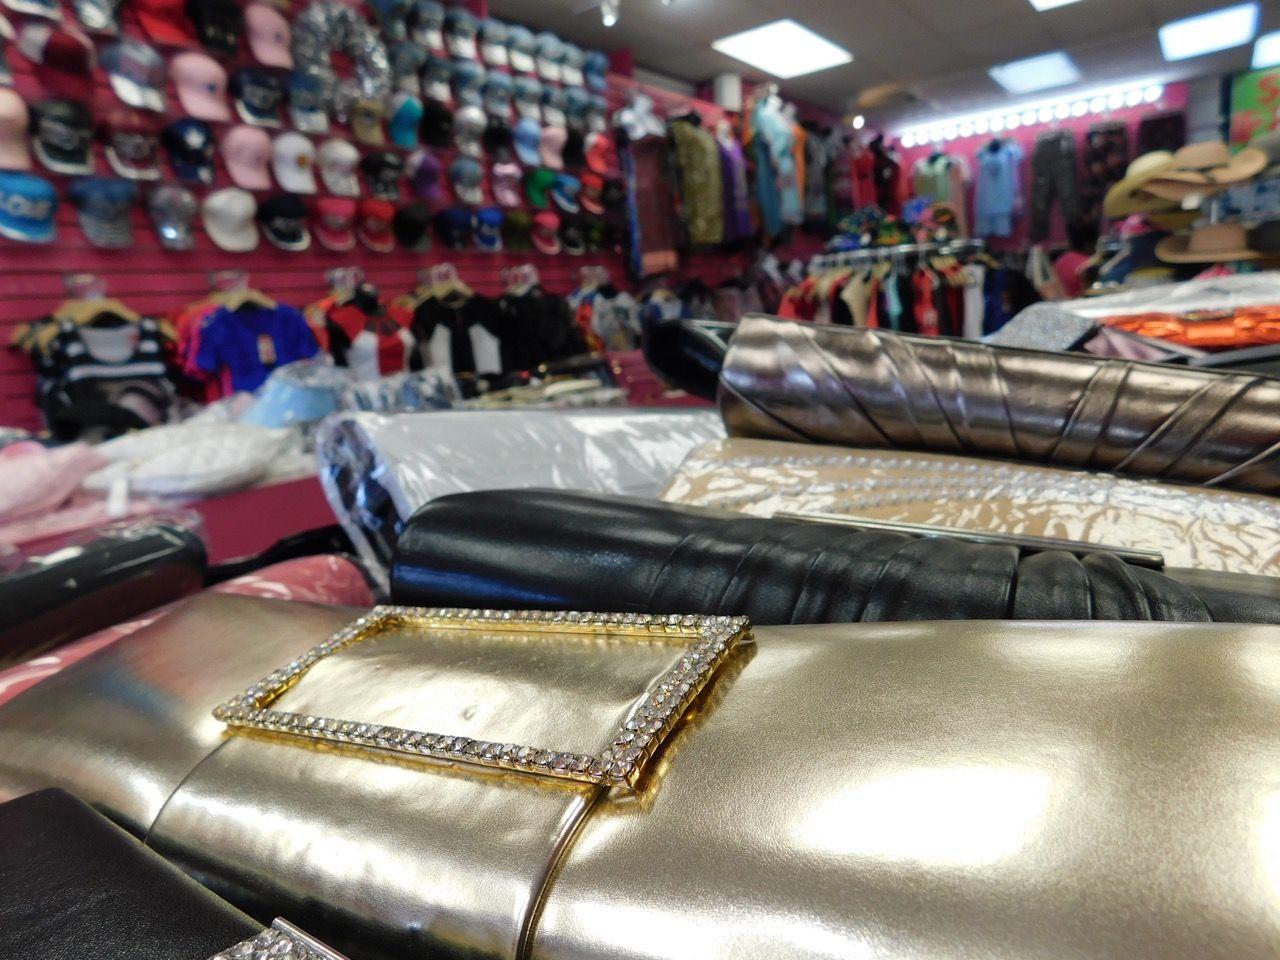 Chaussures, vêtements et accessoires à pas cher : le magasin de toutes les aubaines à Deerfield Beach !